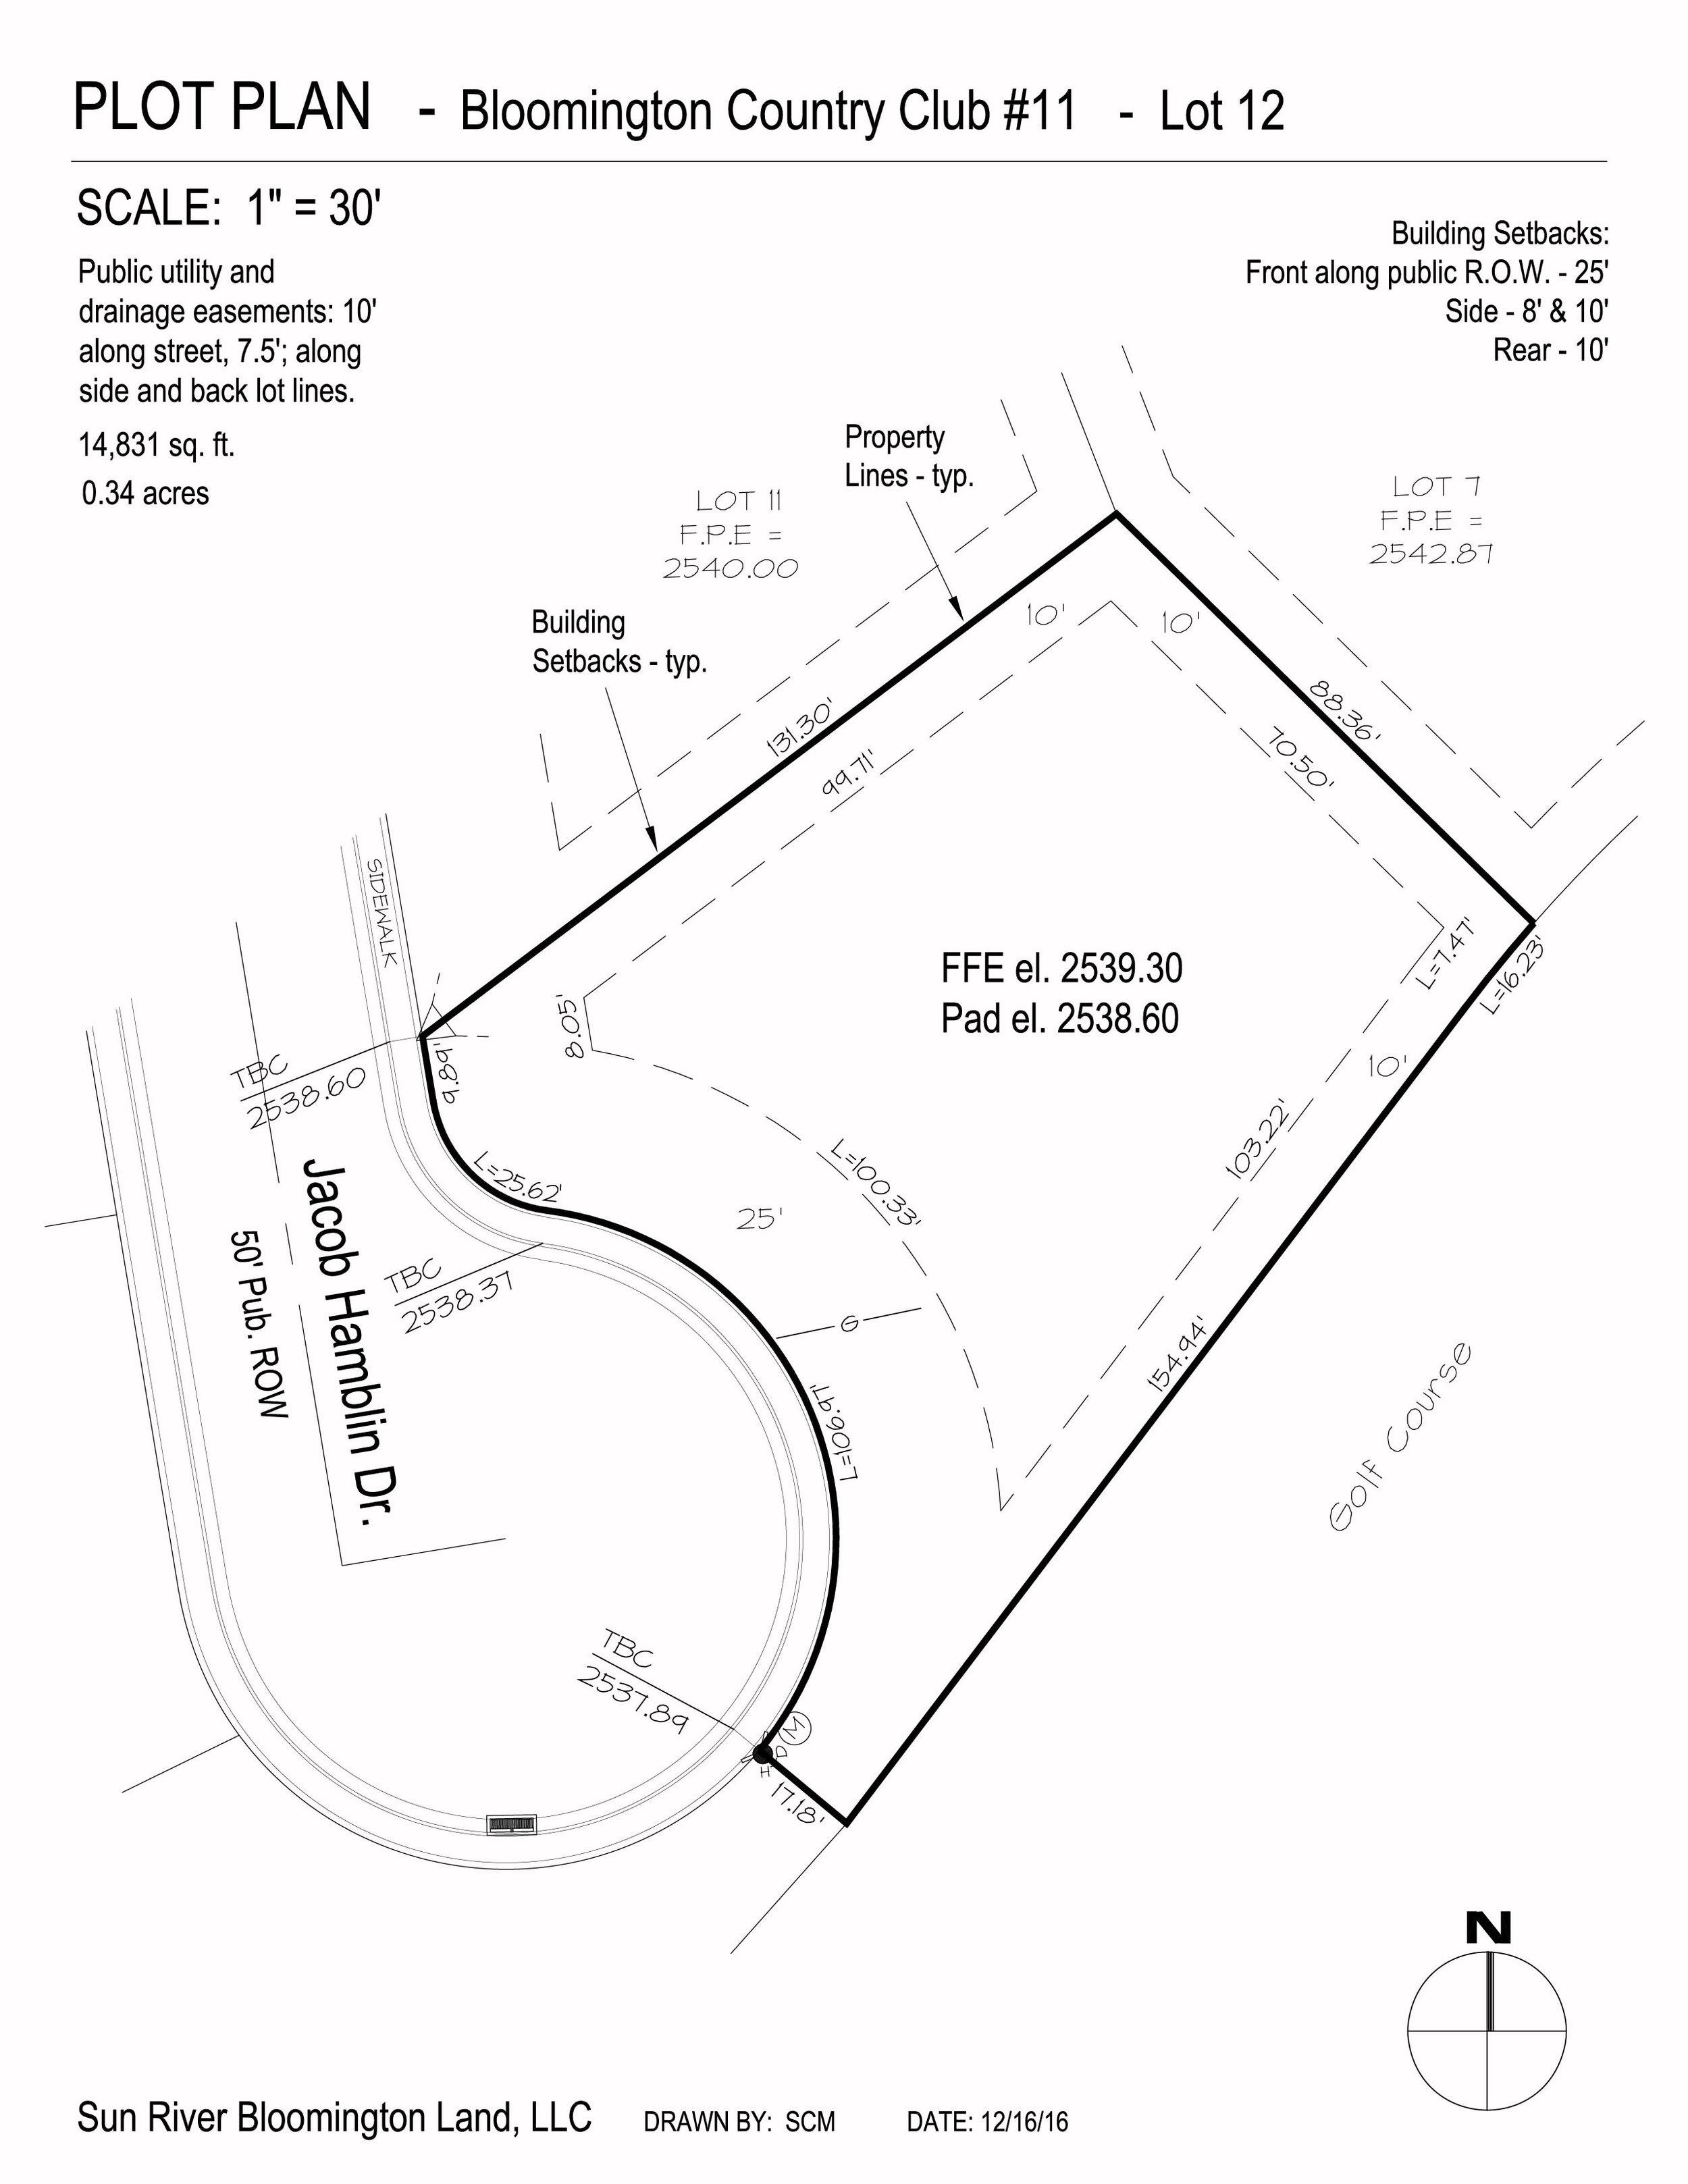 hamblin plot plans-12.jpg